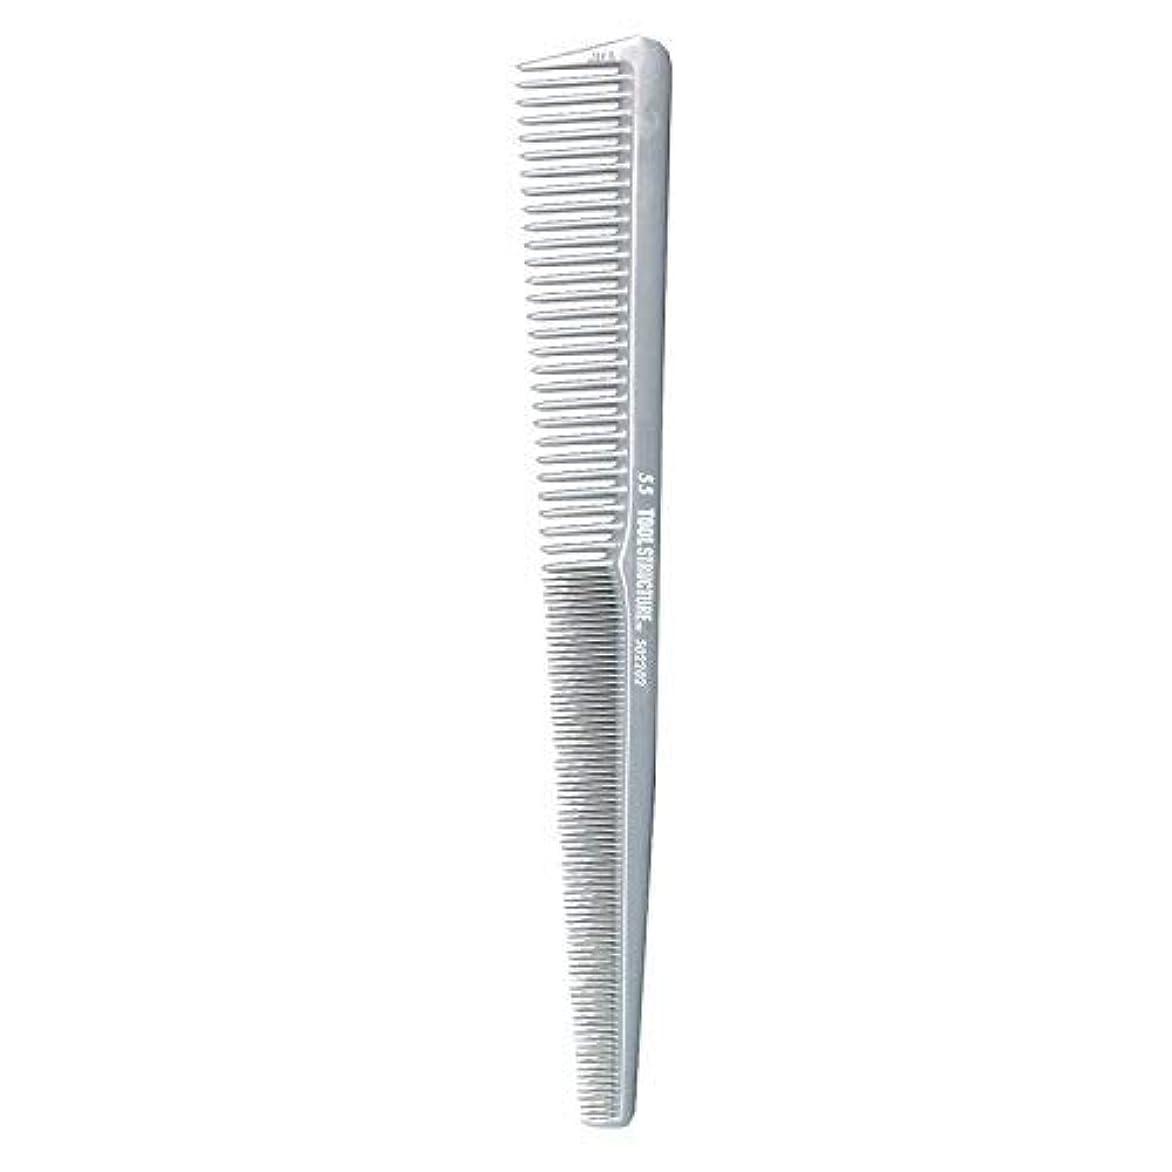 話す手綱ライムTool Structure Barber Comb #55 [並行輸入品]